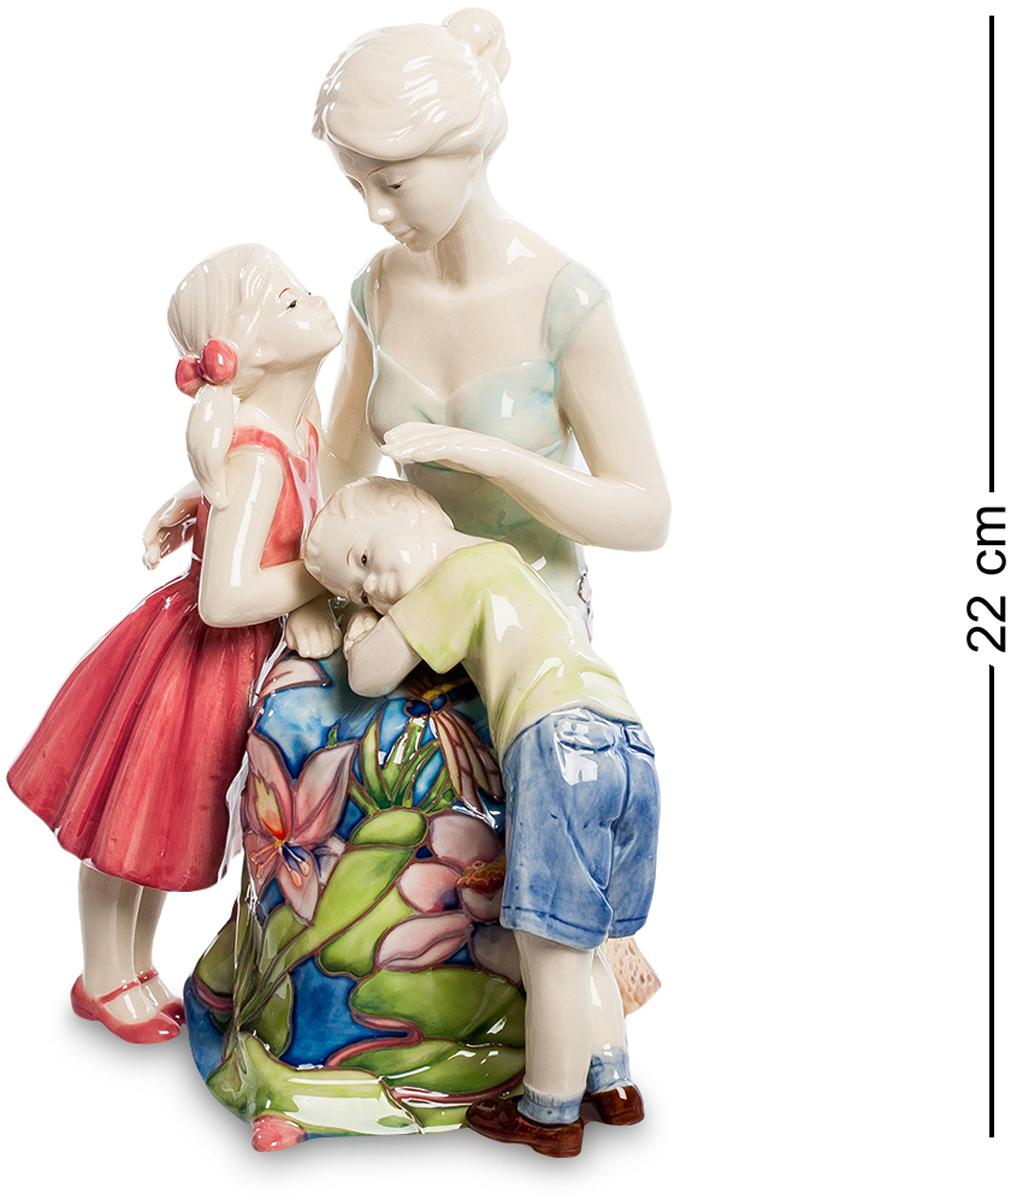 Статуэтка Pavone Мамина любовь. JP-12/26JP-12/26Фигурка Девушки высотой 22 см. Забота о людях, однажды вошедшая в сердце человека, превратится в настоящее сокровище, когда эти люди вырастут. Нежная и чувственная статуэтка станет великолепным подарком для каждого члена семьи. Вся композиция пропитана любовью и жертвенностью, которые испытывает каждая любящая мать к своим детям. Фарфоровая статуэтка символизирует нежную любовь, заботу и радость, которую только мама может дать своим любимым малышам. Прекрасный сувенир позволит украсить интерьер любой квартиры или дома.